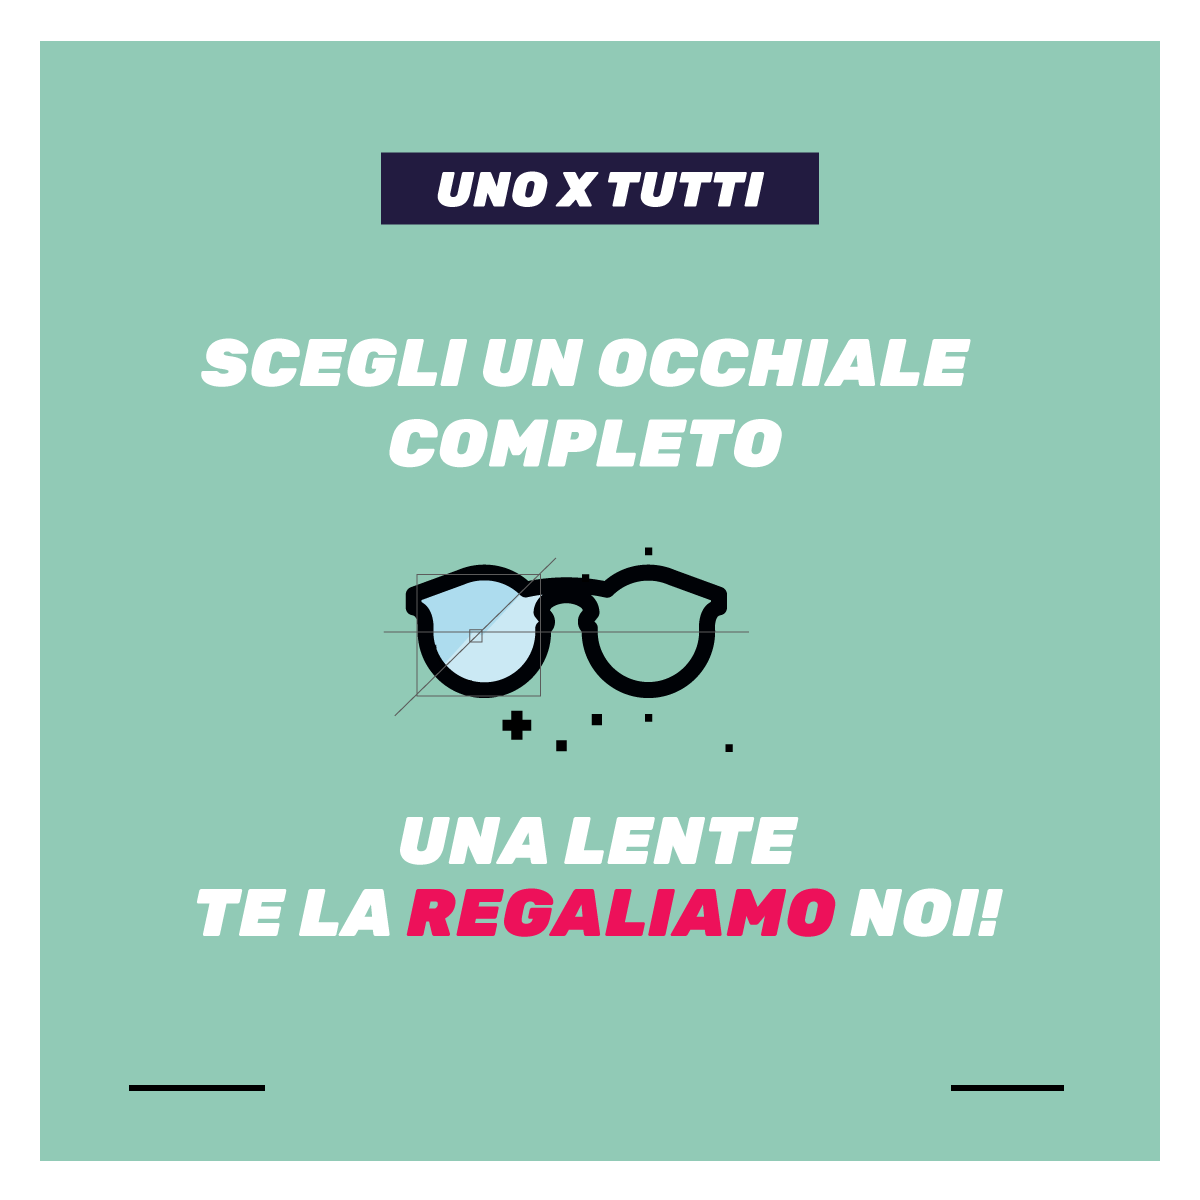 covid 19 - Occhiale da VIsta Completo promozione centro ottico progettovista idee per i tuoi occhi